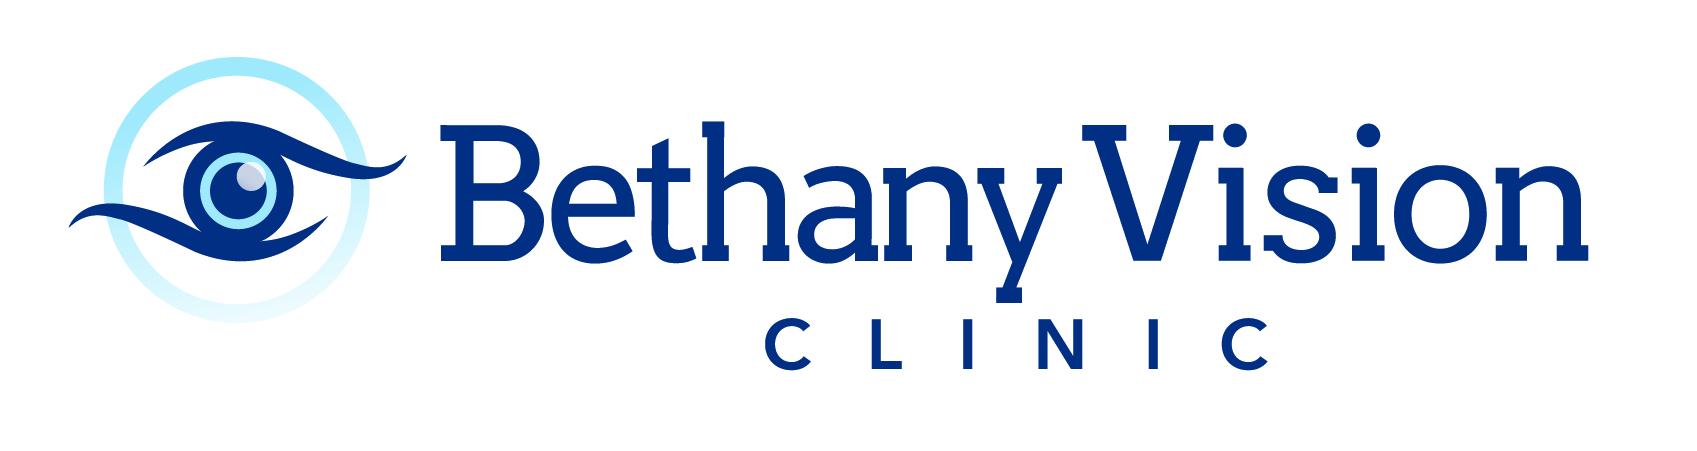 Bethany Vision Clinic Logo